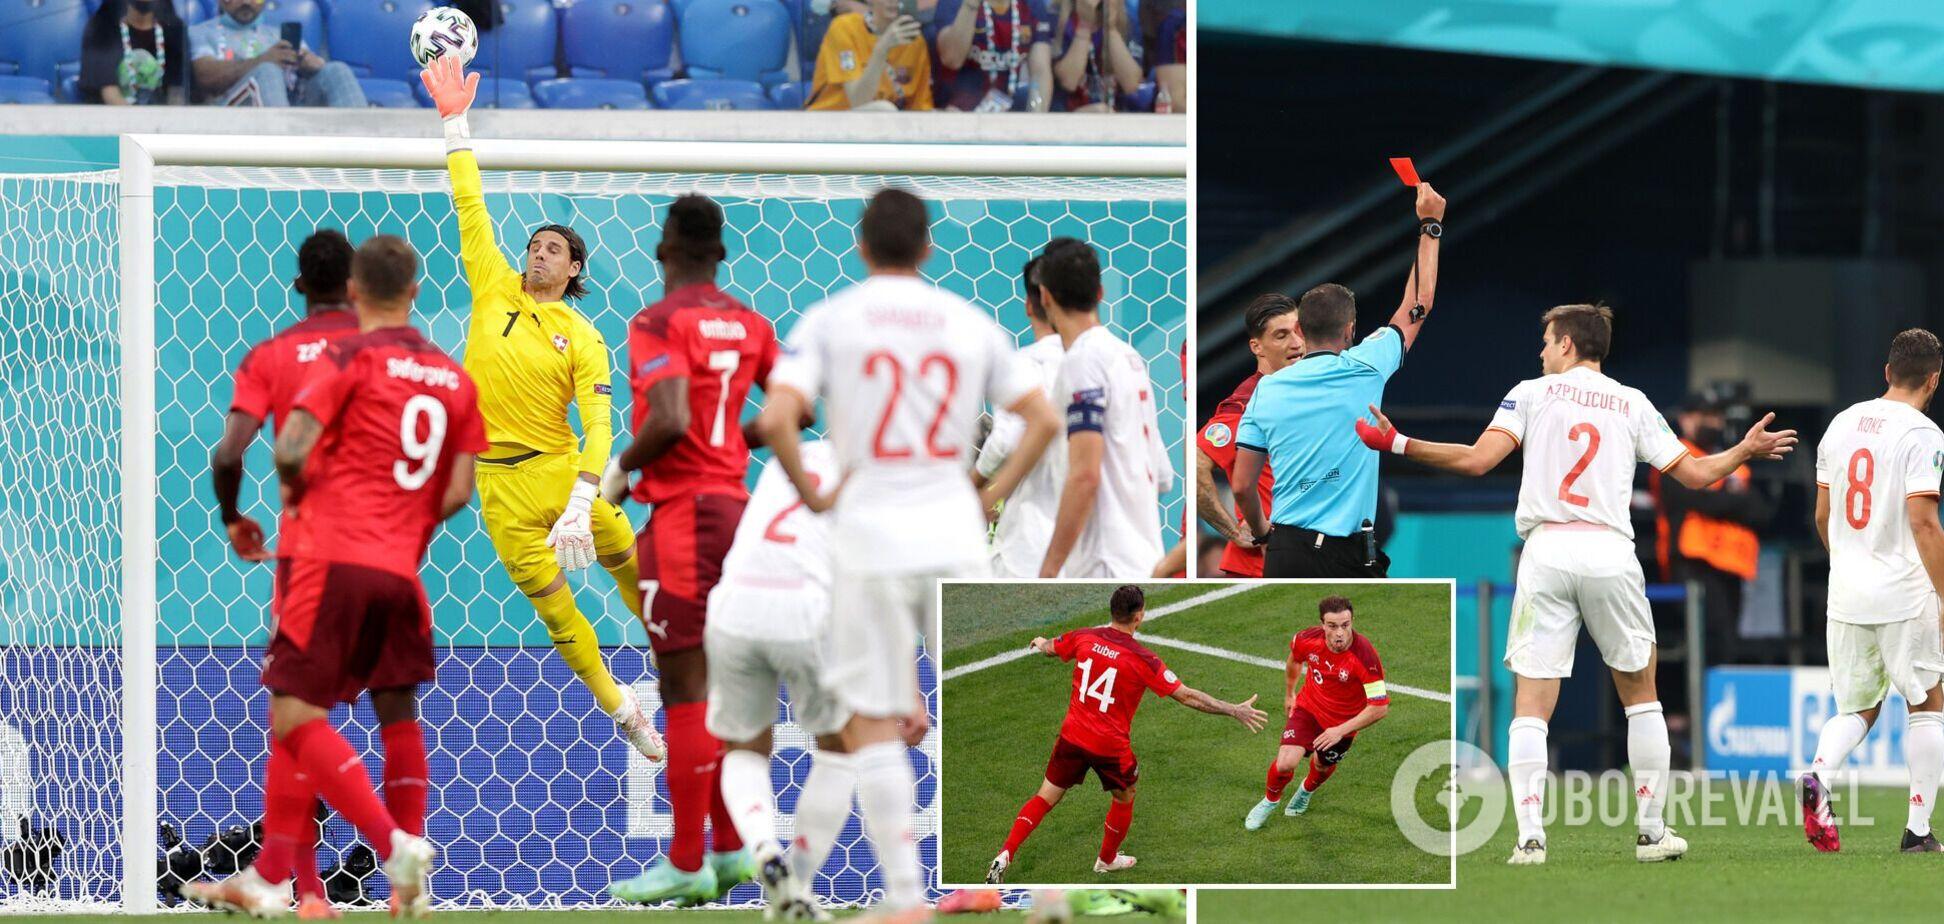 Испания в серии пенальти обыграла Швейцарию и вышла в полуфинал Евро-2020